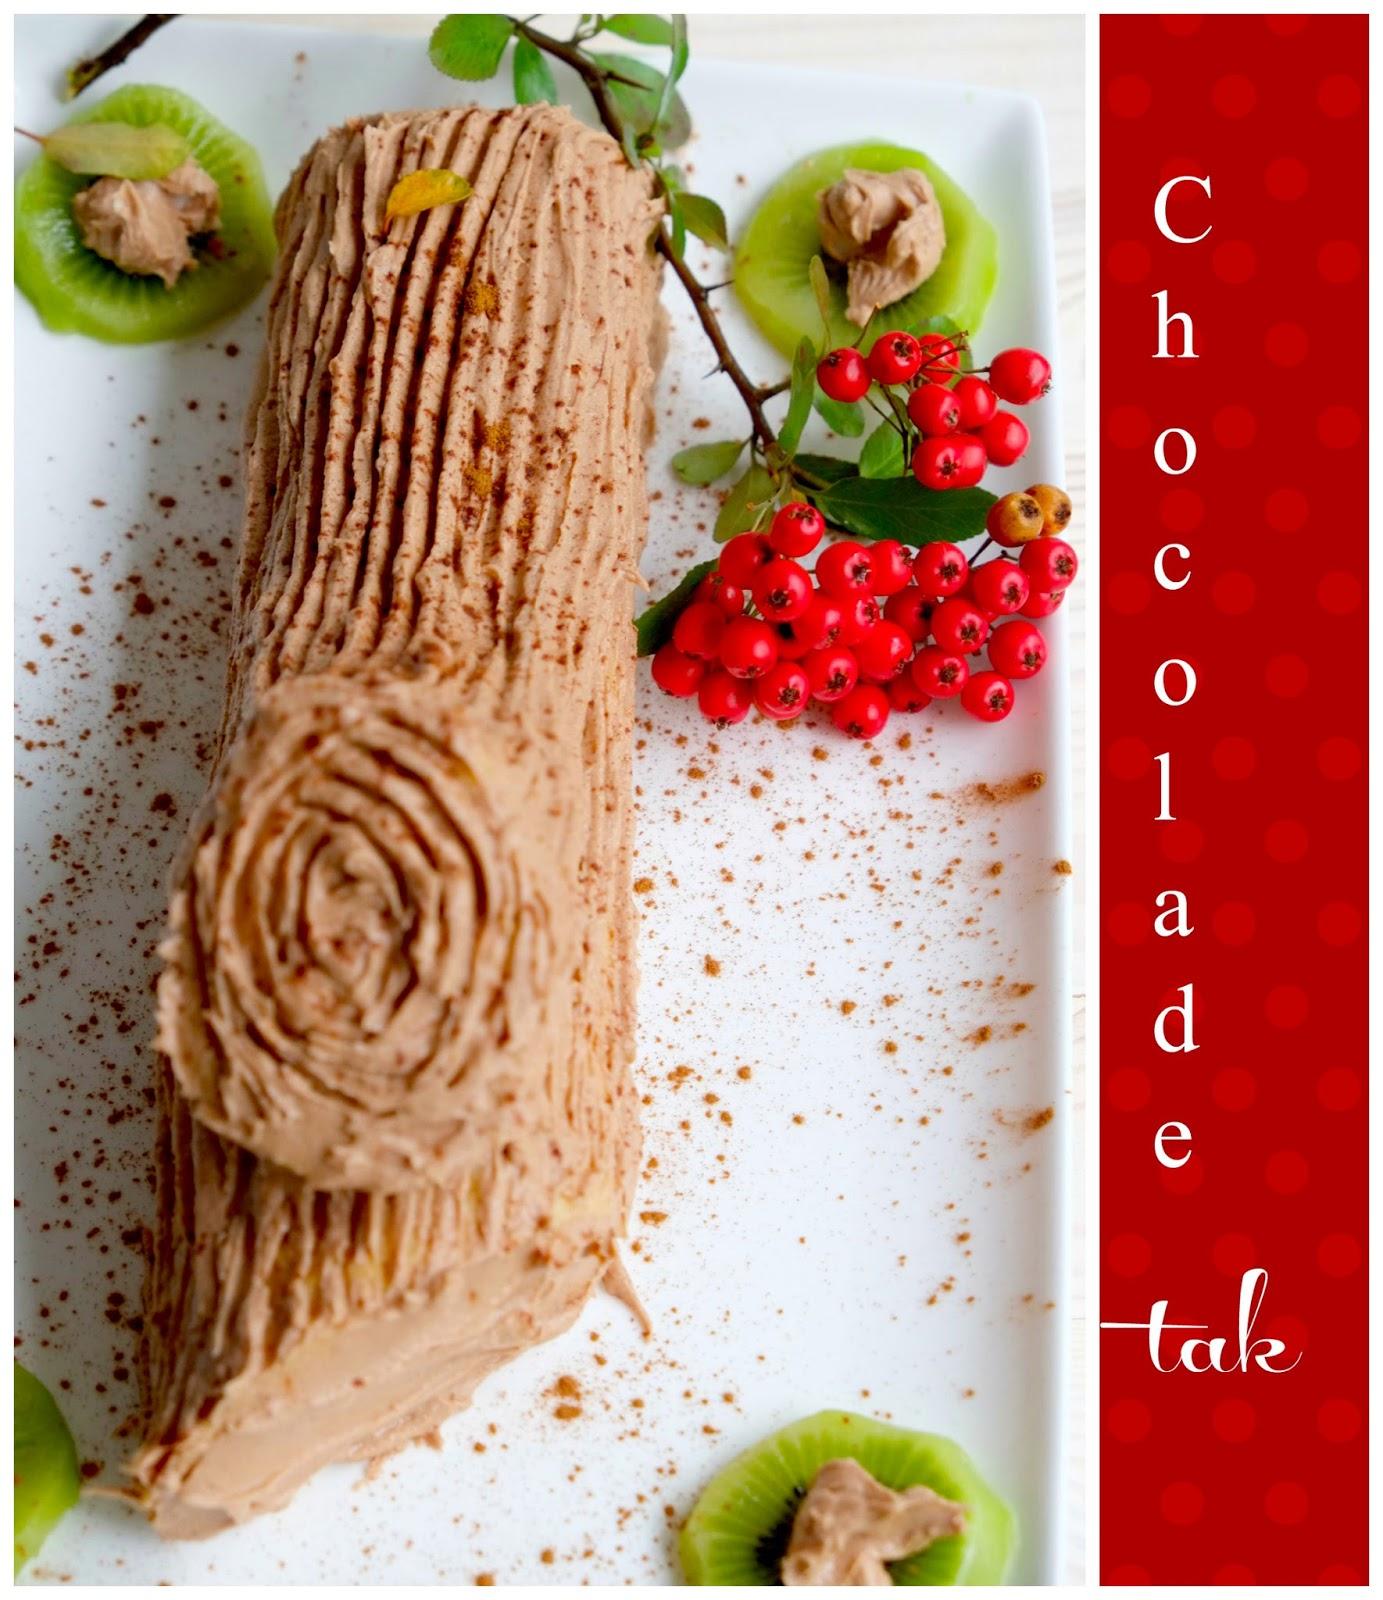 Chocolade tak/boomstam voor Kerst - Recept uit Portugal